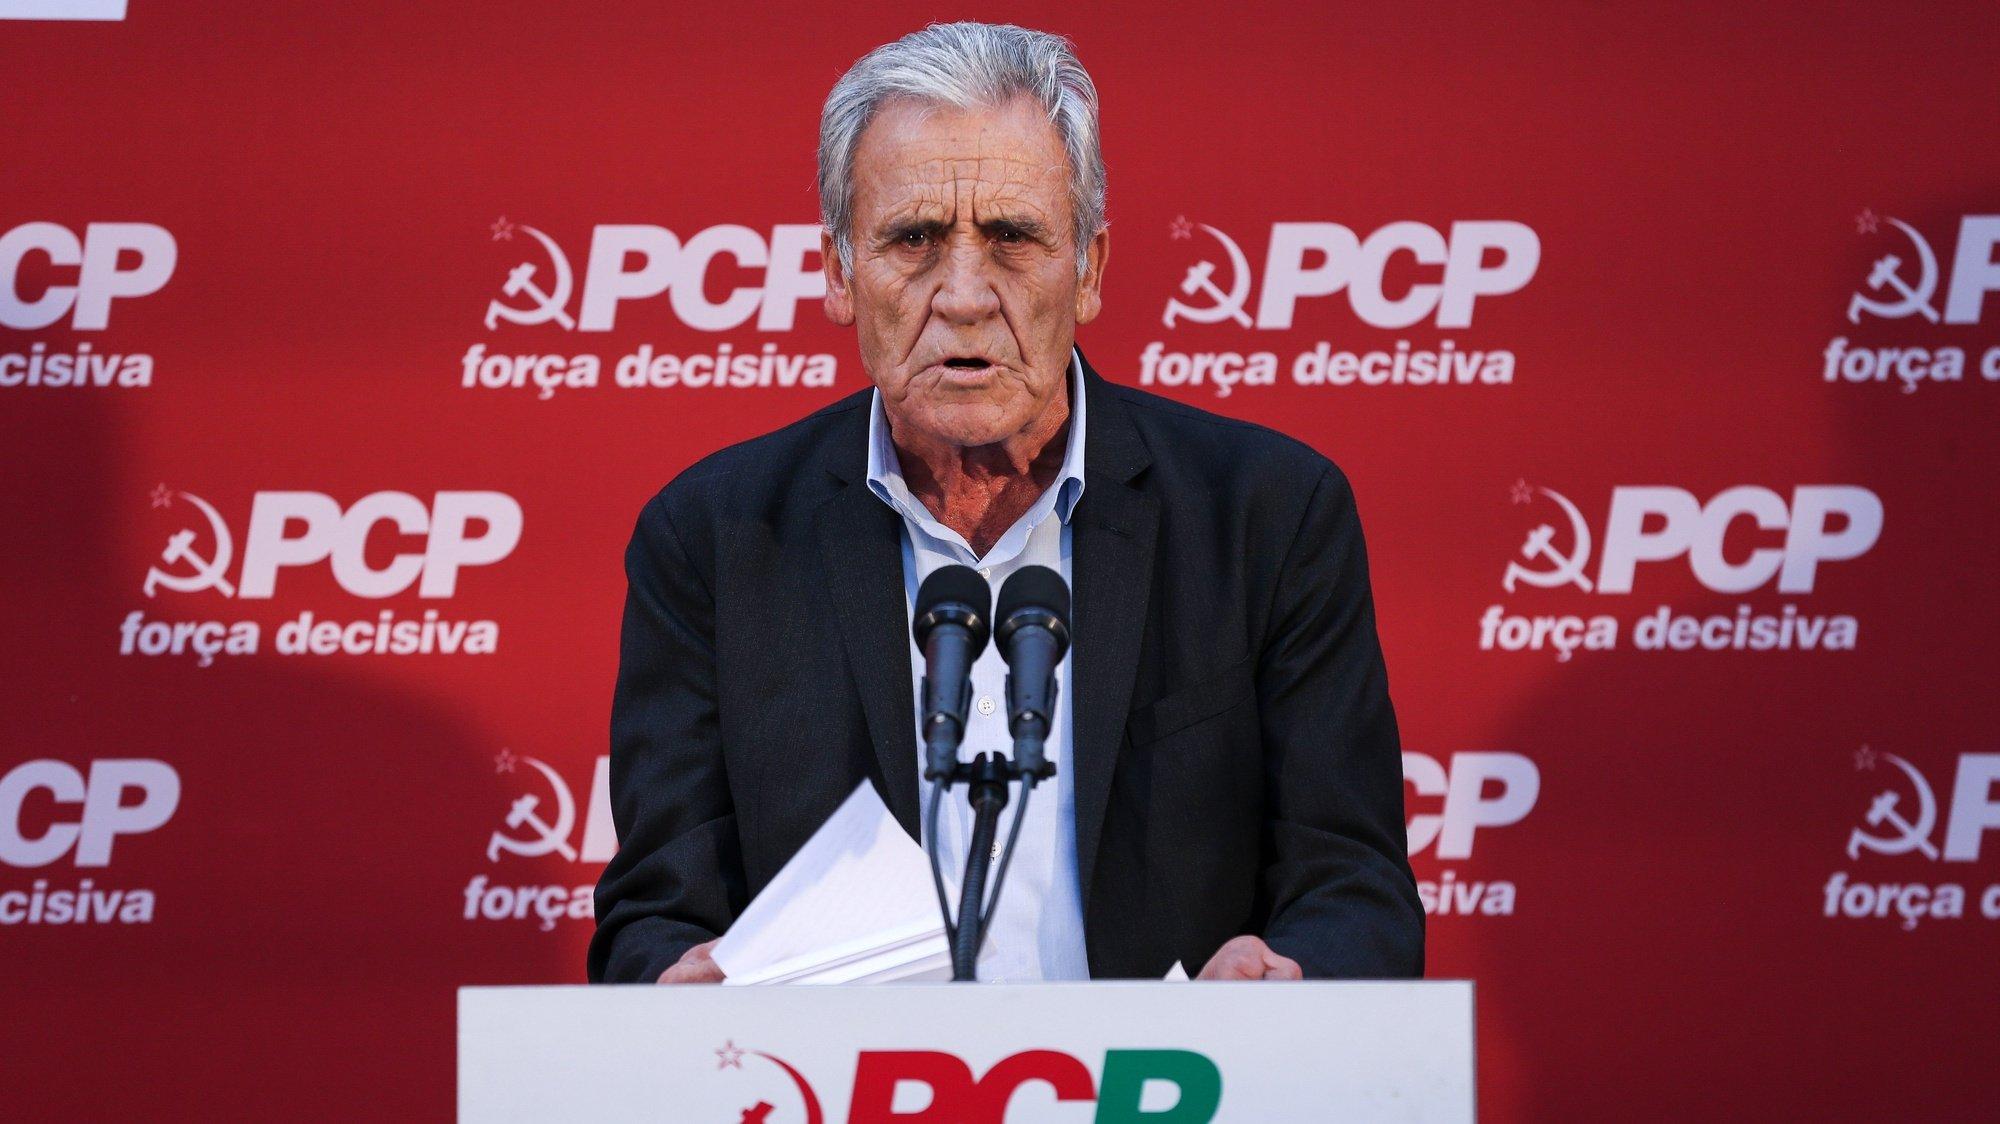 """O secretário-geral do Partido Comunista Português (PCP), Jerónimo de Sousa, discursa durante o Comício """"PCP - Força decisiva ao teu lado todos os dias"""", Lisboa, 01 de outubro de 2021. MANUEL DE ALMEIDA/LUSA"""